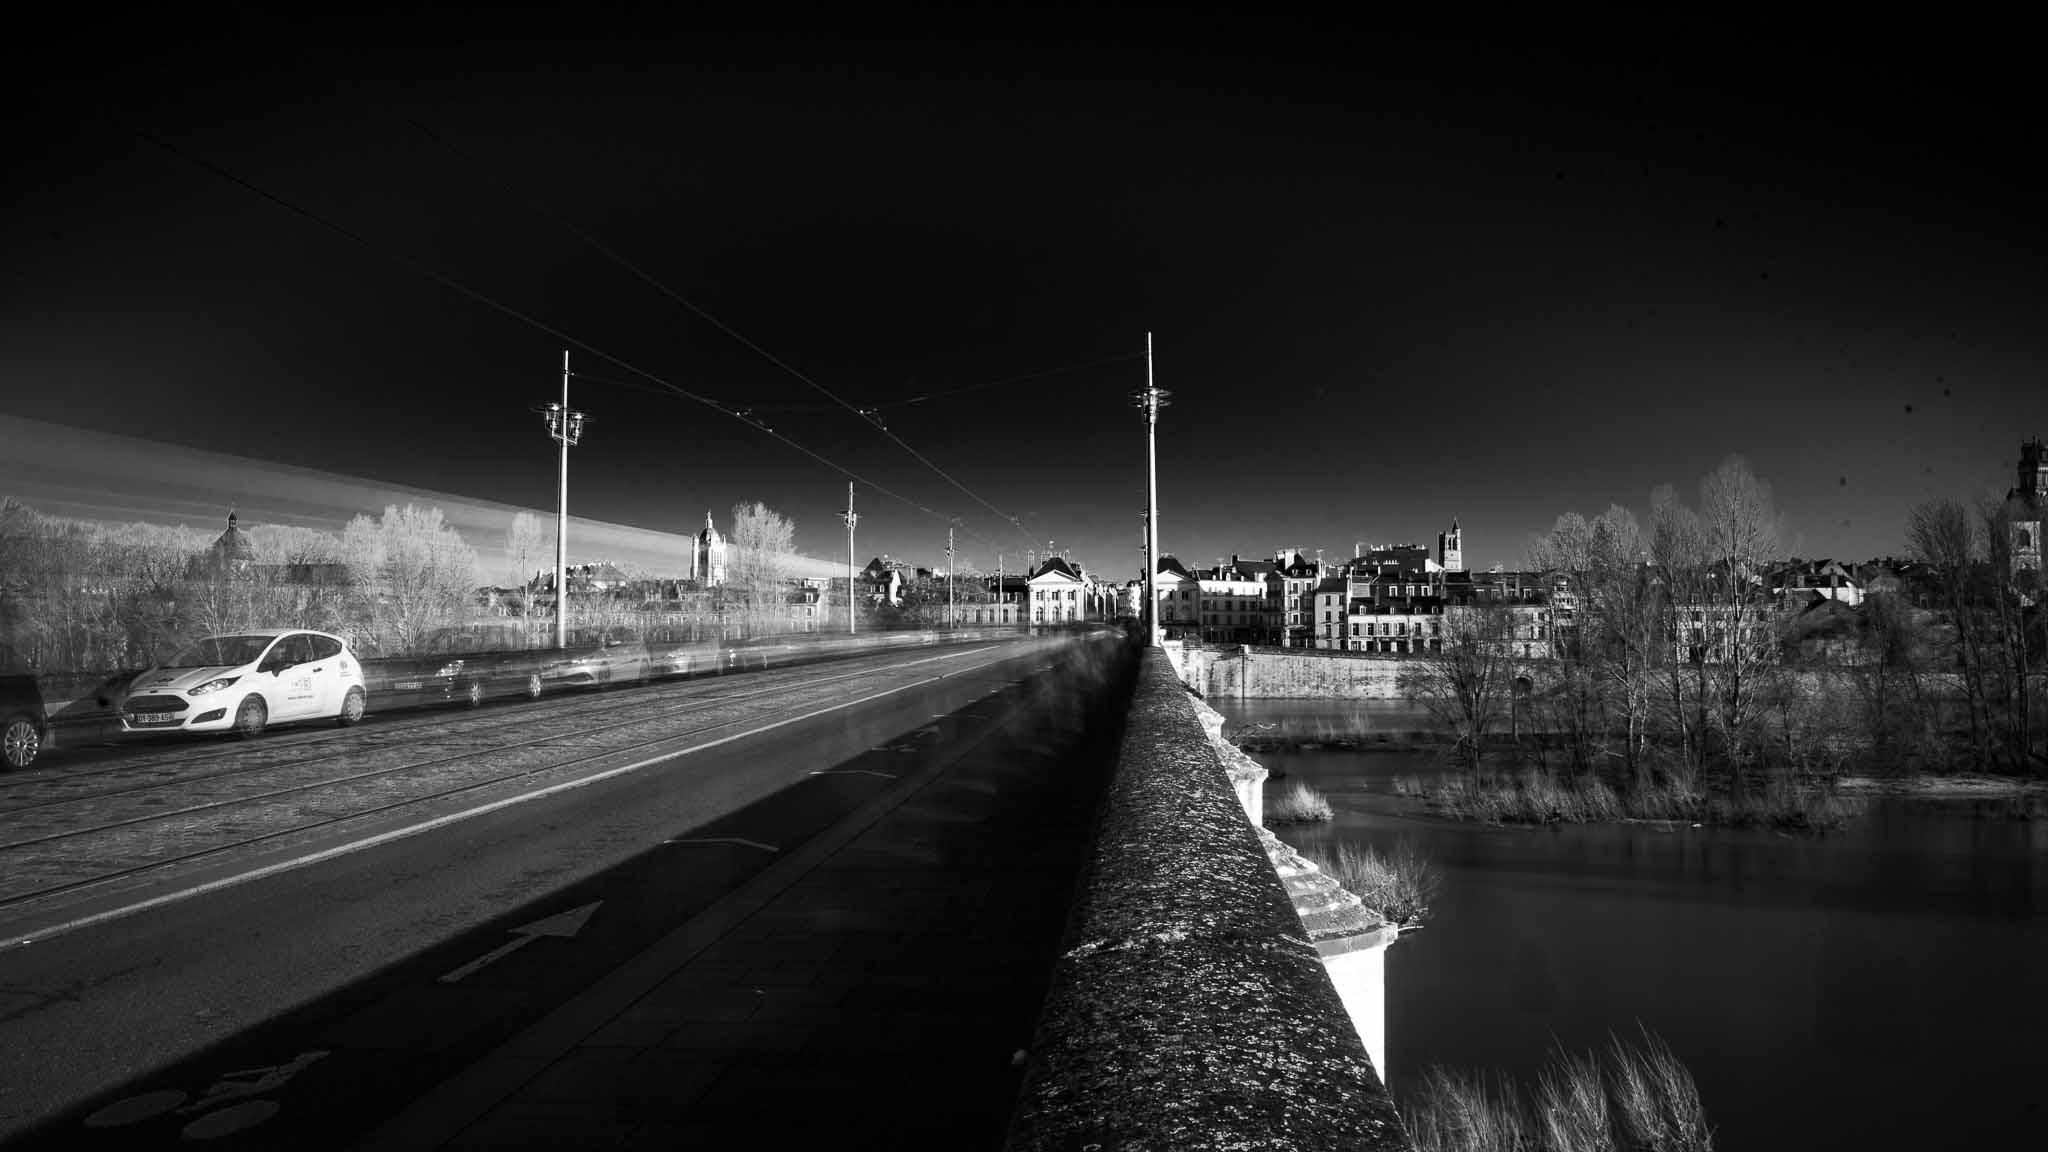 le pont royal avec le tram qui passe